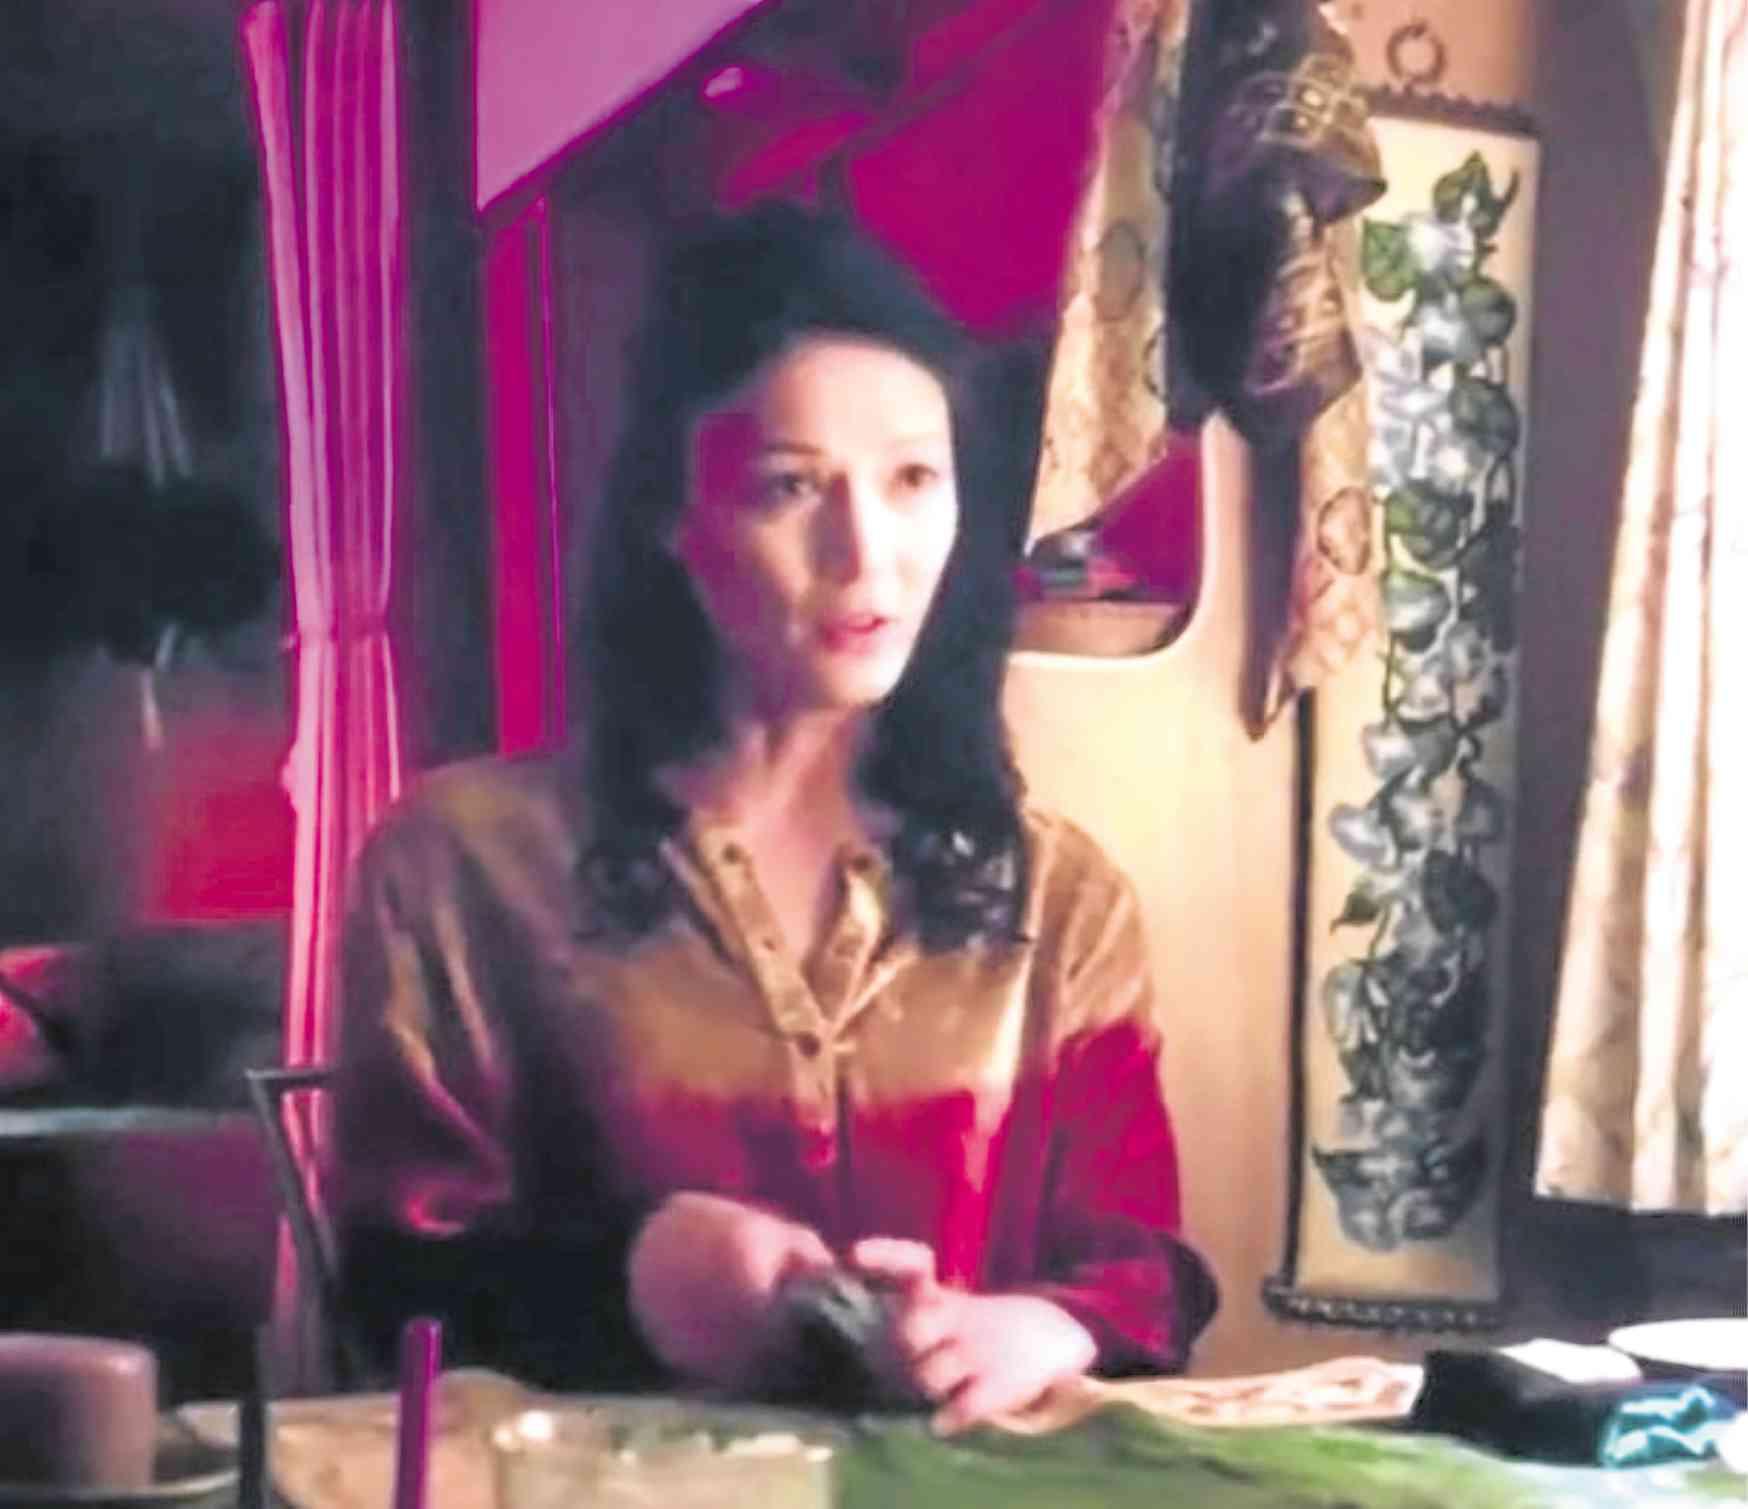 Bb. Gandahanghi in a scene in Glow's Season 3 Episode 8 as a fortune teller